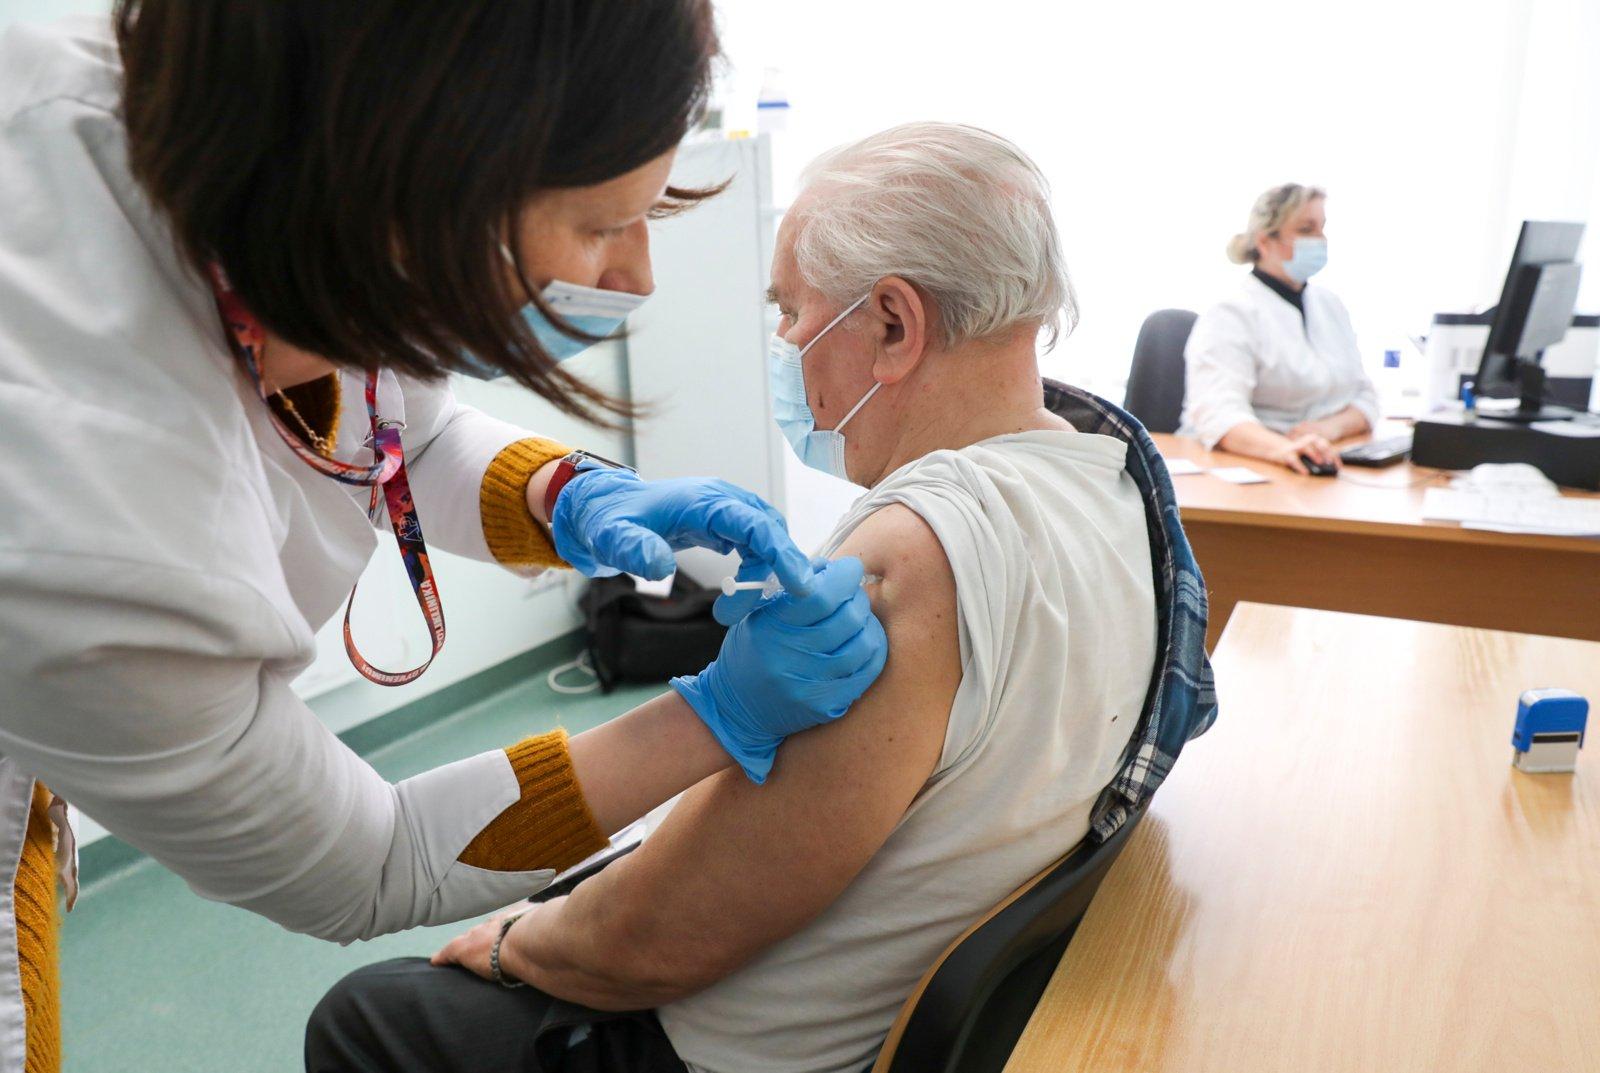 Per du mėnesius registruota 1,2 tūkstančio nepageidaujamų reakcijų į vakcinas